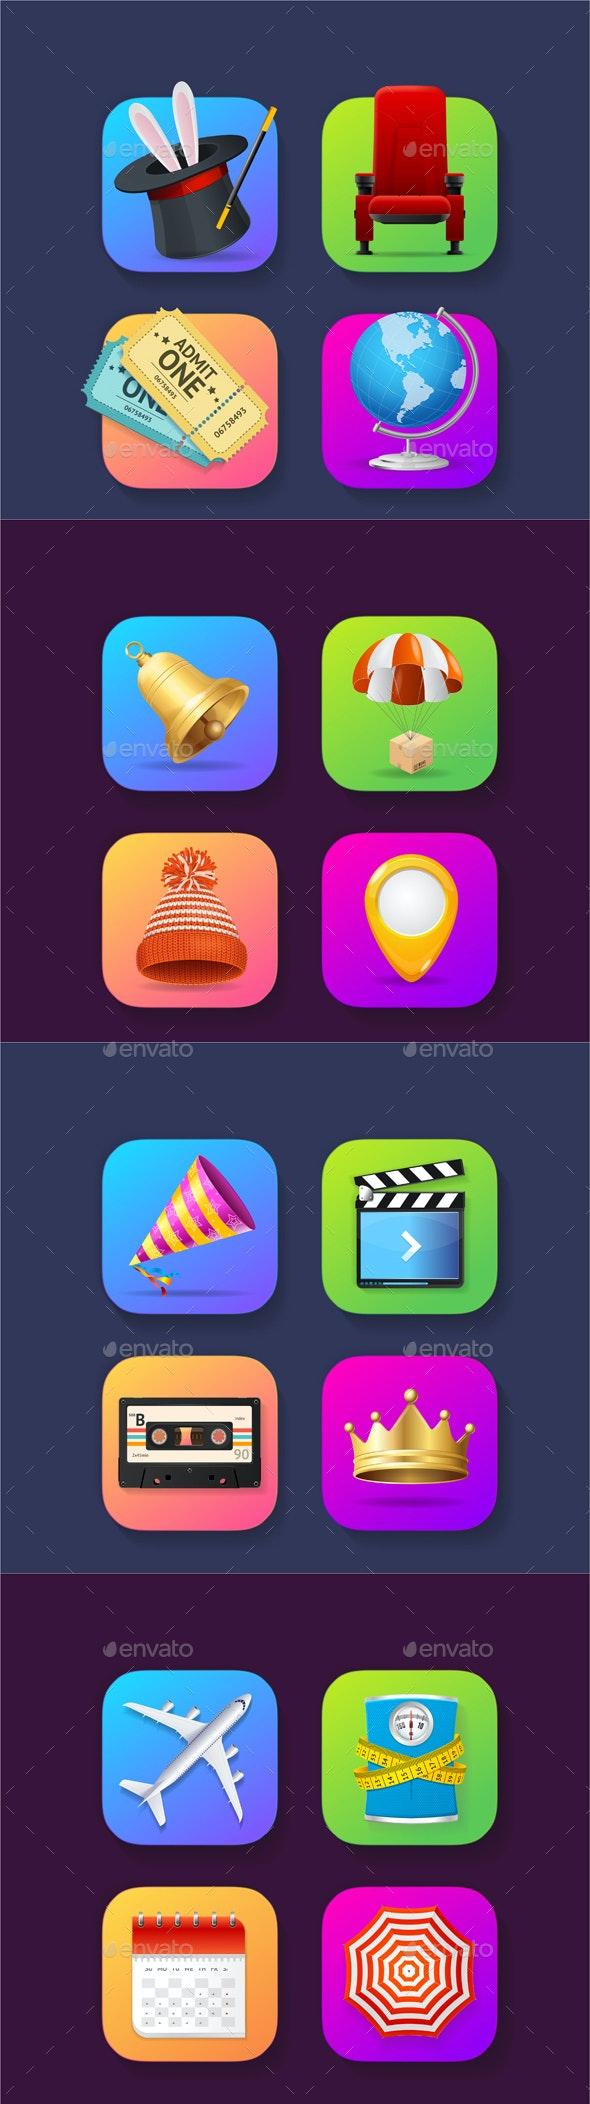 Realistic Detailed 3d Mobile Application Icons Set - Web Elements Vectors